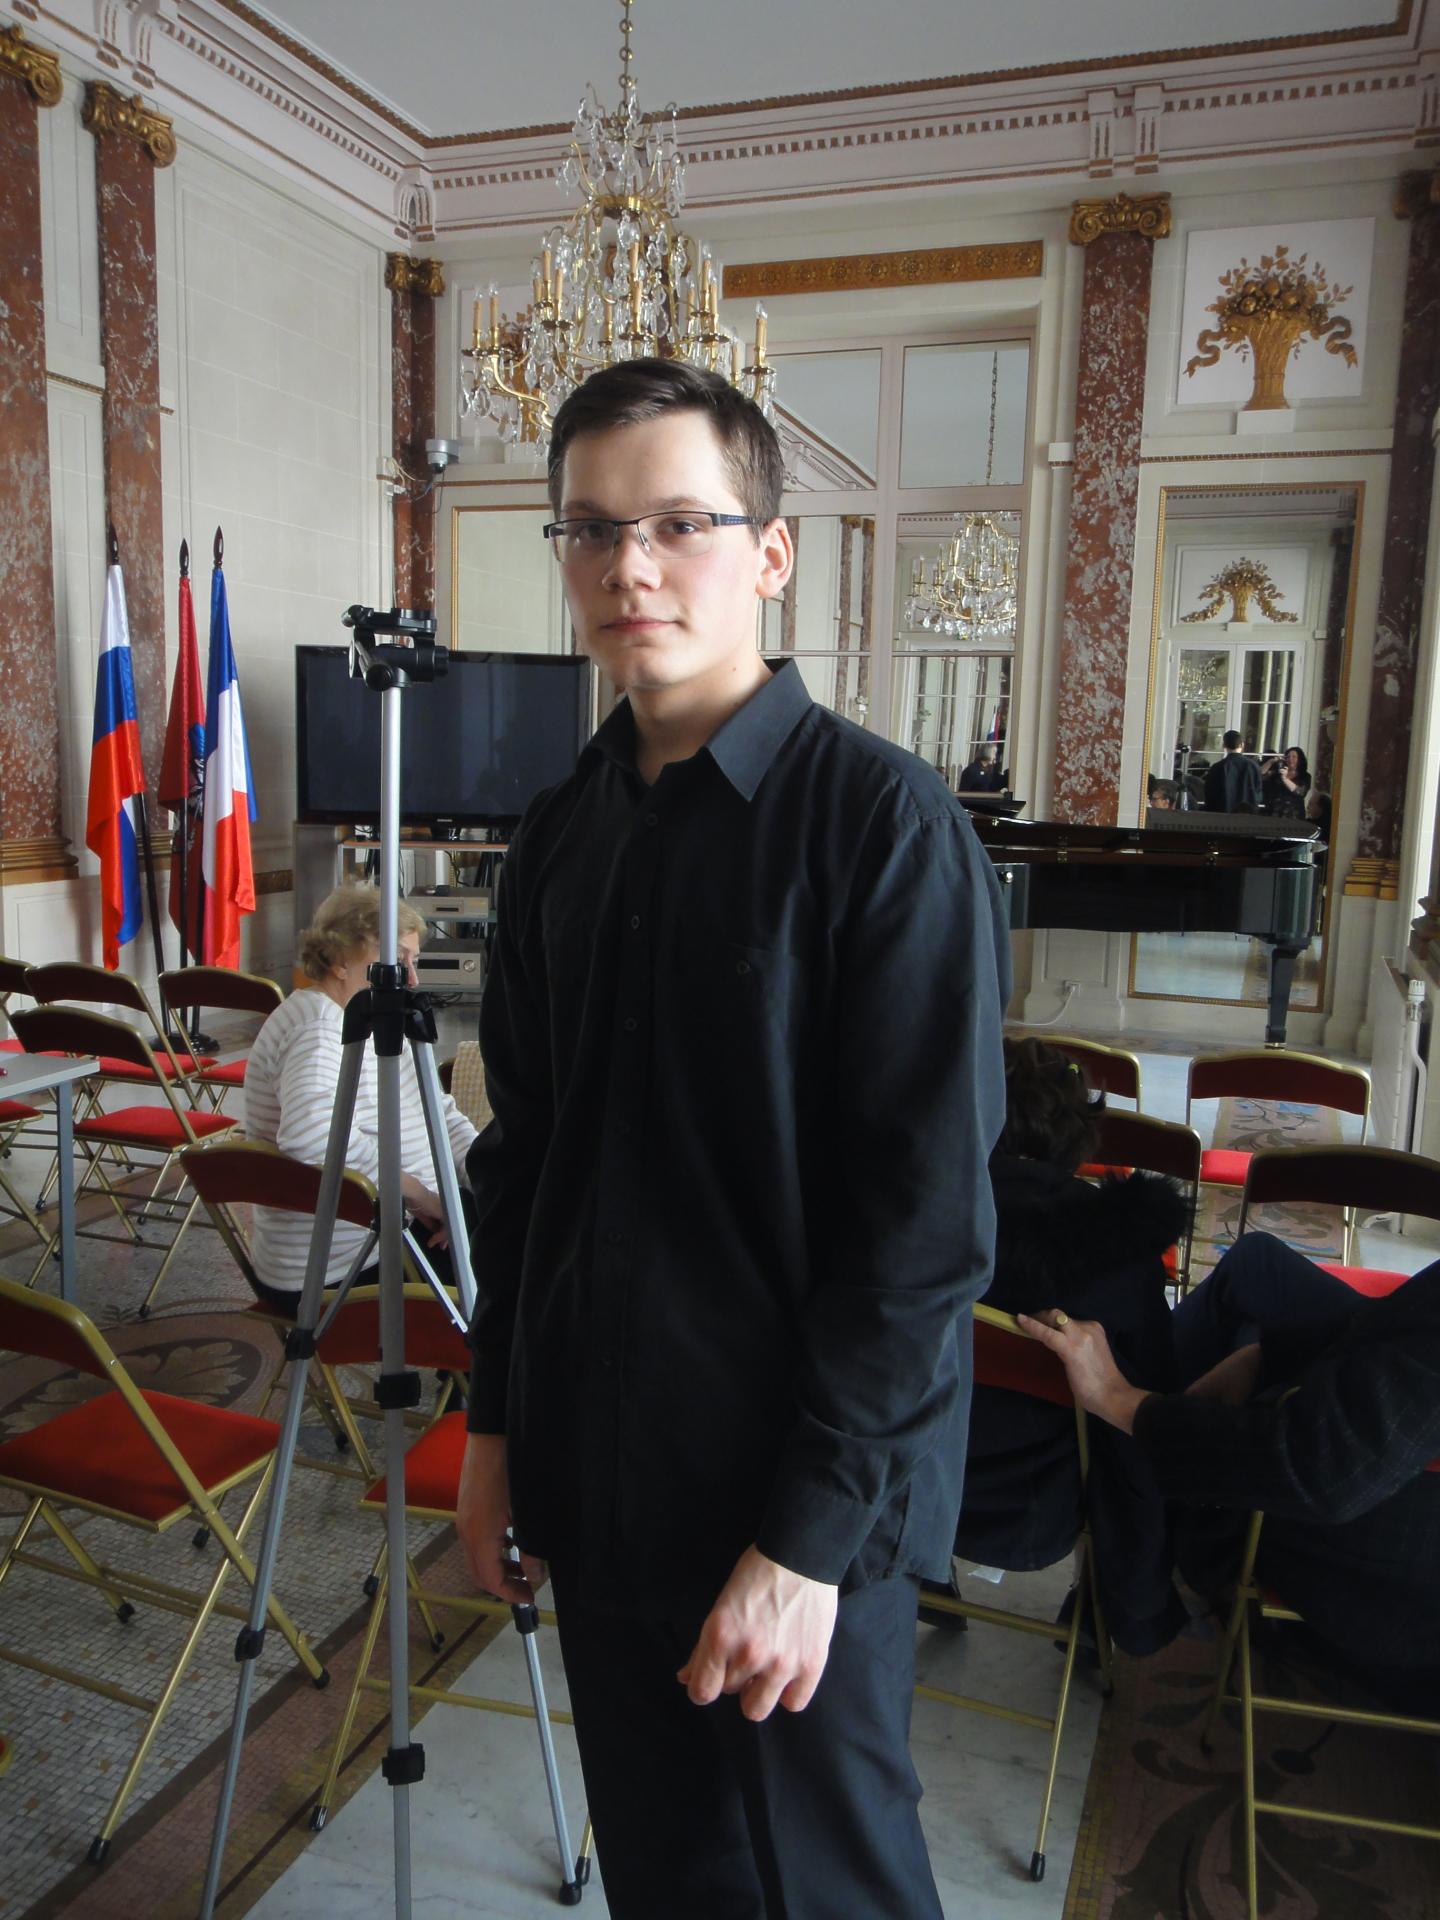 Evgeny Mikhailov